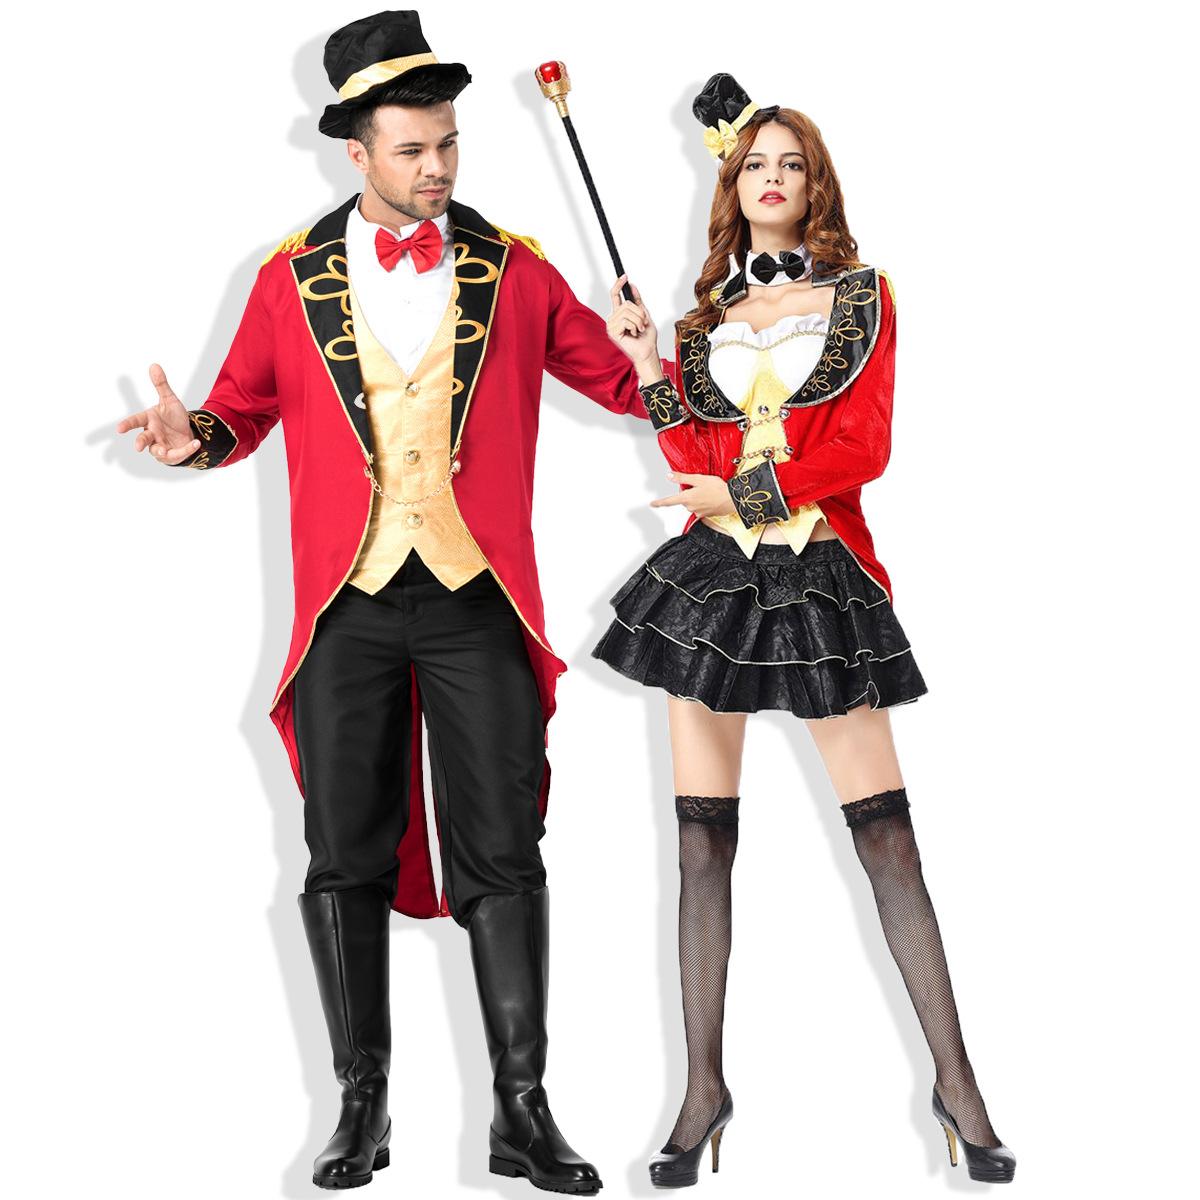 马戏团伯爵燕尾服情侣角色扮演新款万圣节女魔术师服装演出服